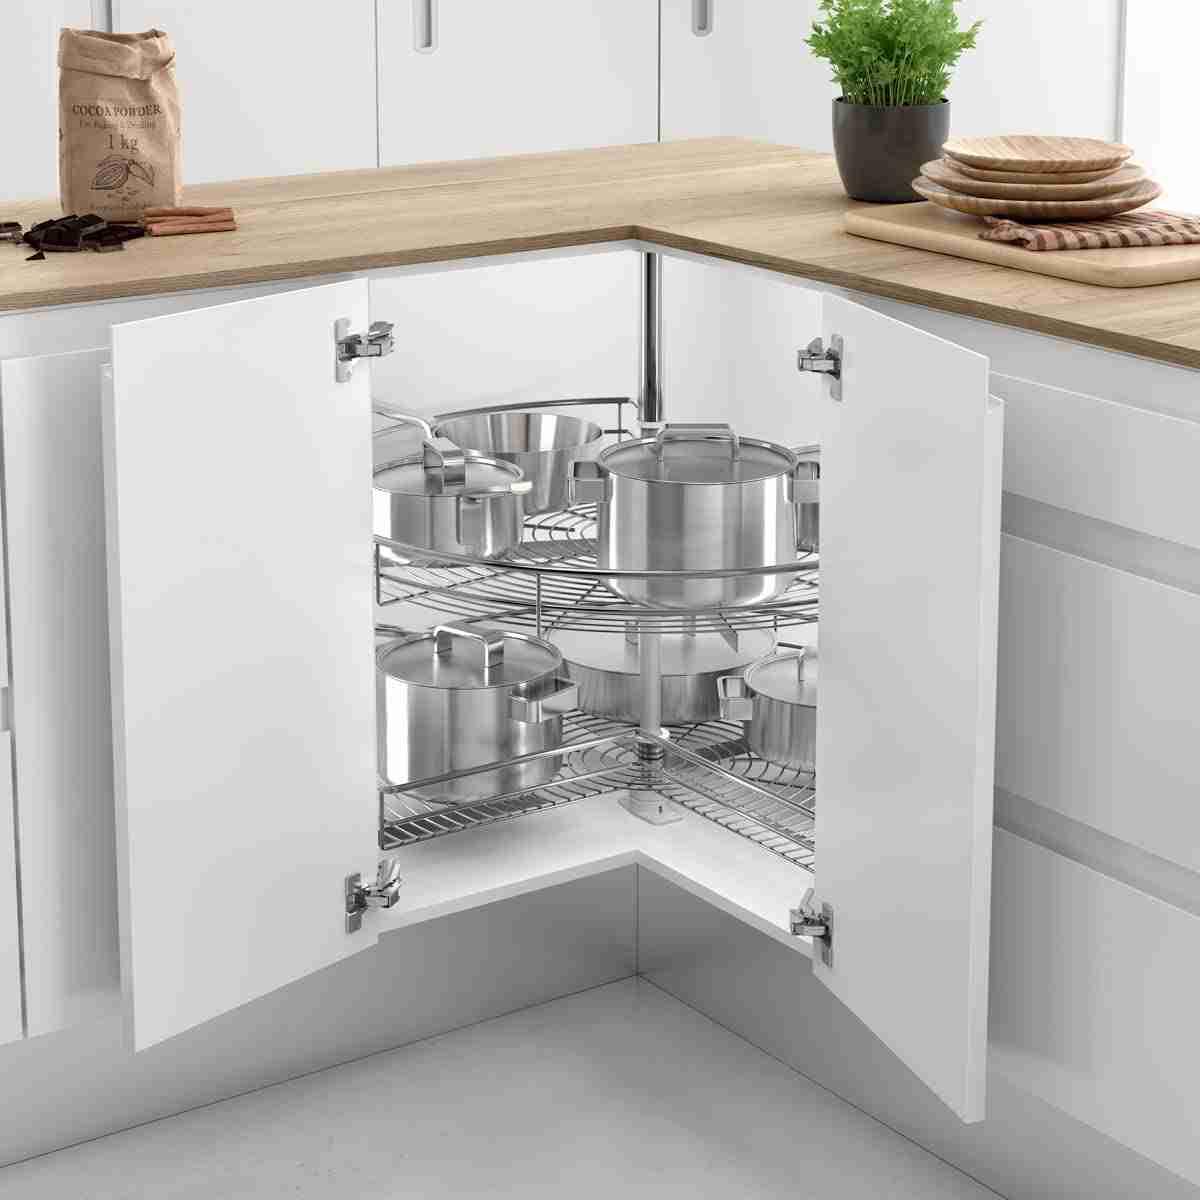 Cómo organizar una cocina sin muebles altos 41